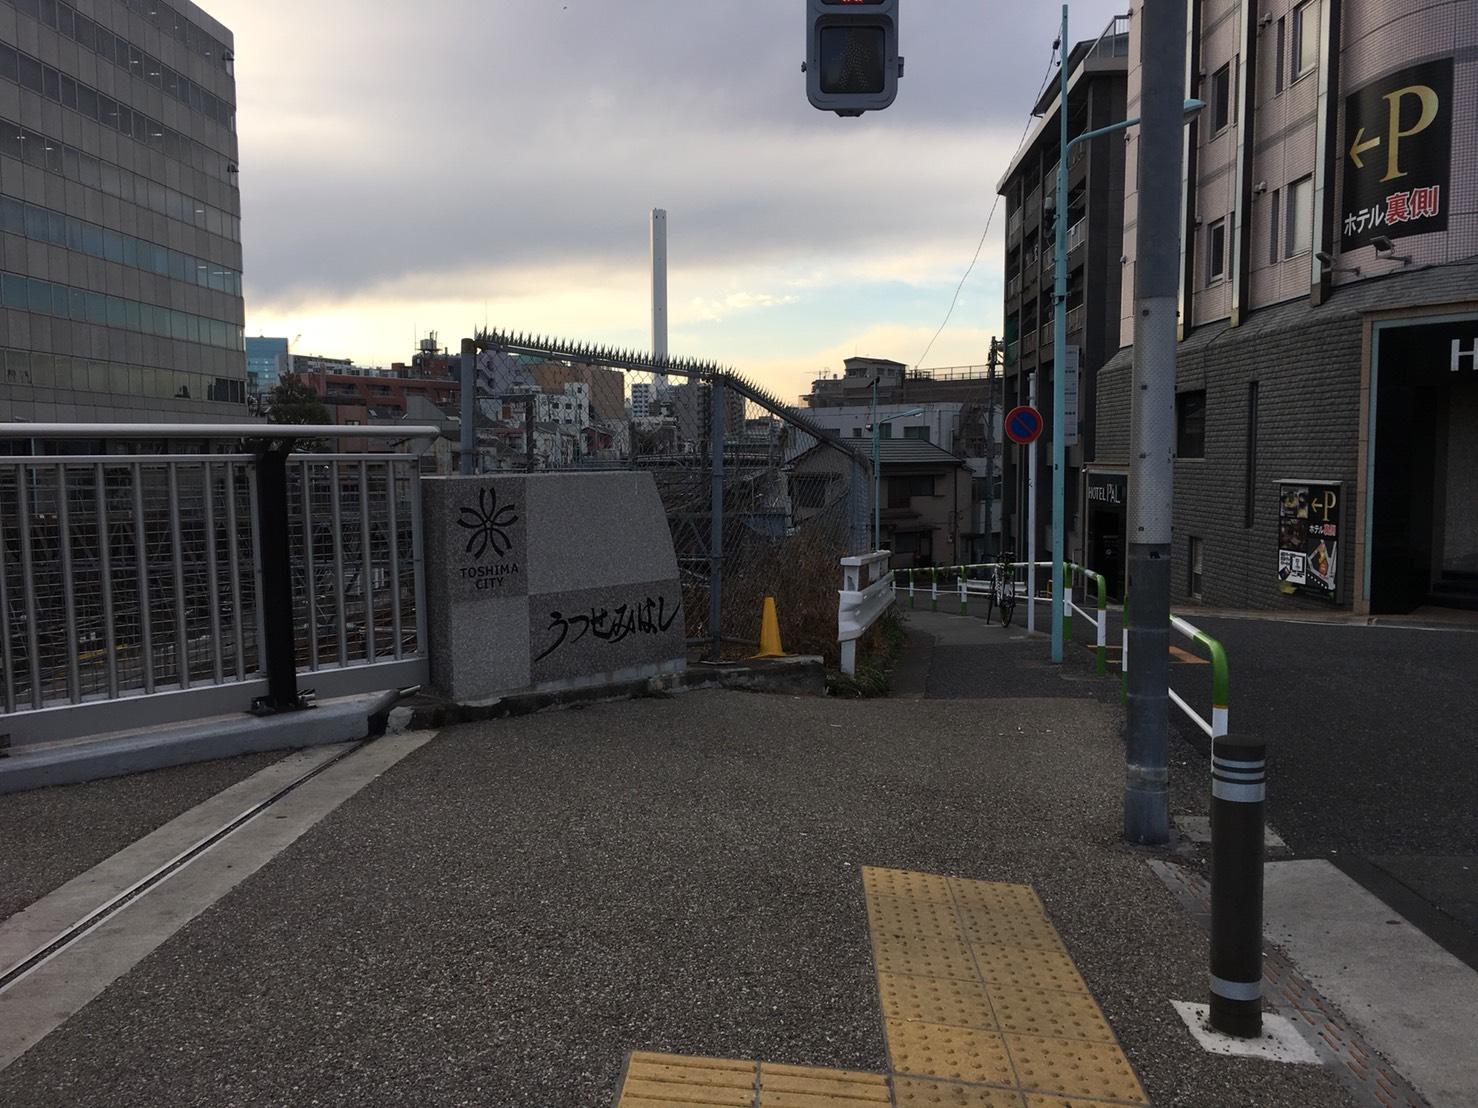 【大塚駅】ぶらり、ちょこっと大塚さんぽ。空蝉橋から抜けるスカイツリーが気持ちいい!の出世稲荷神社への行き方1